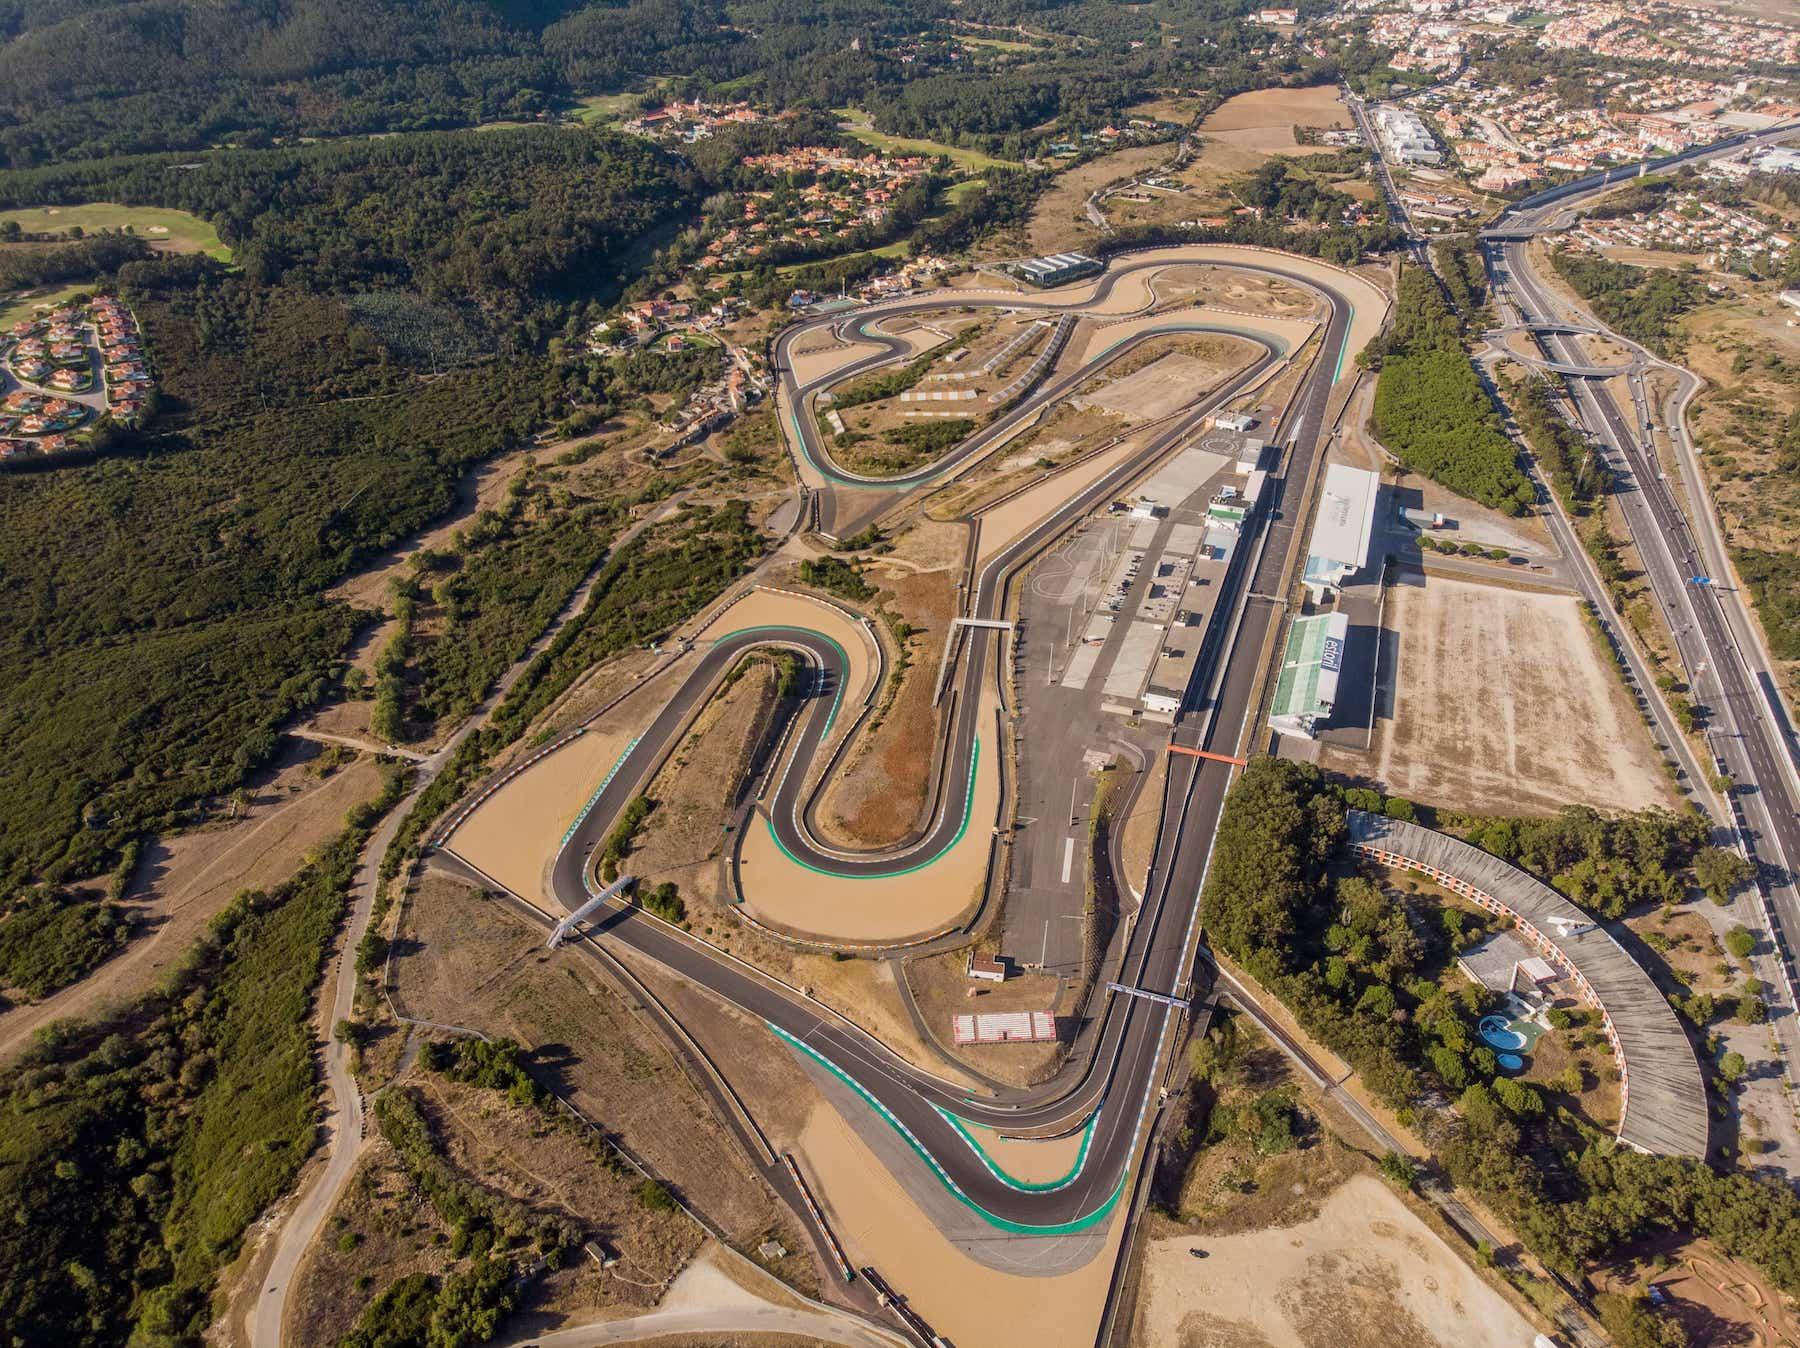 ピレリ(Pirelli)スーパーバイク世界選手権 第8戦エストリルでタイトルが決定